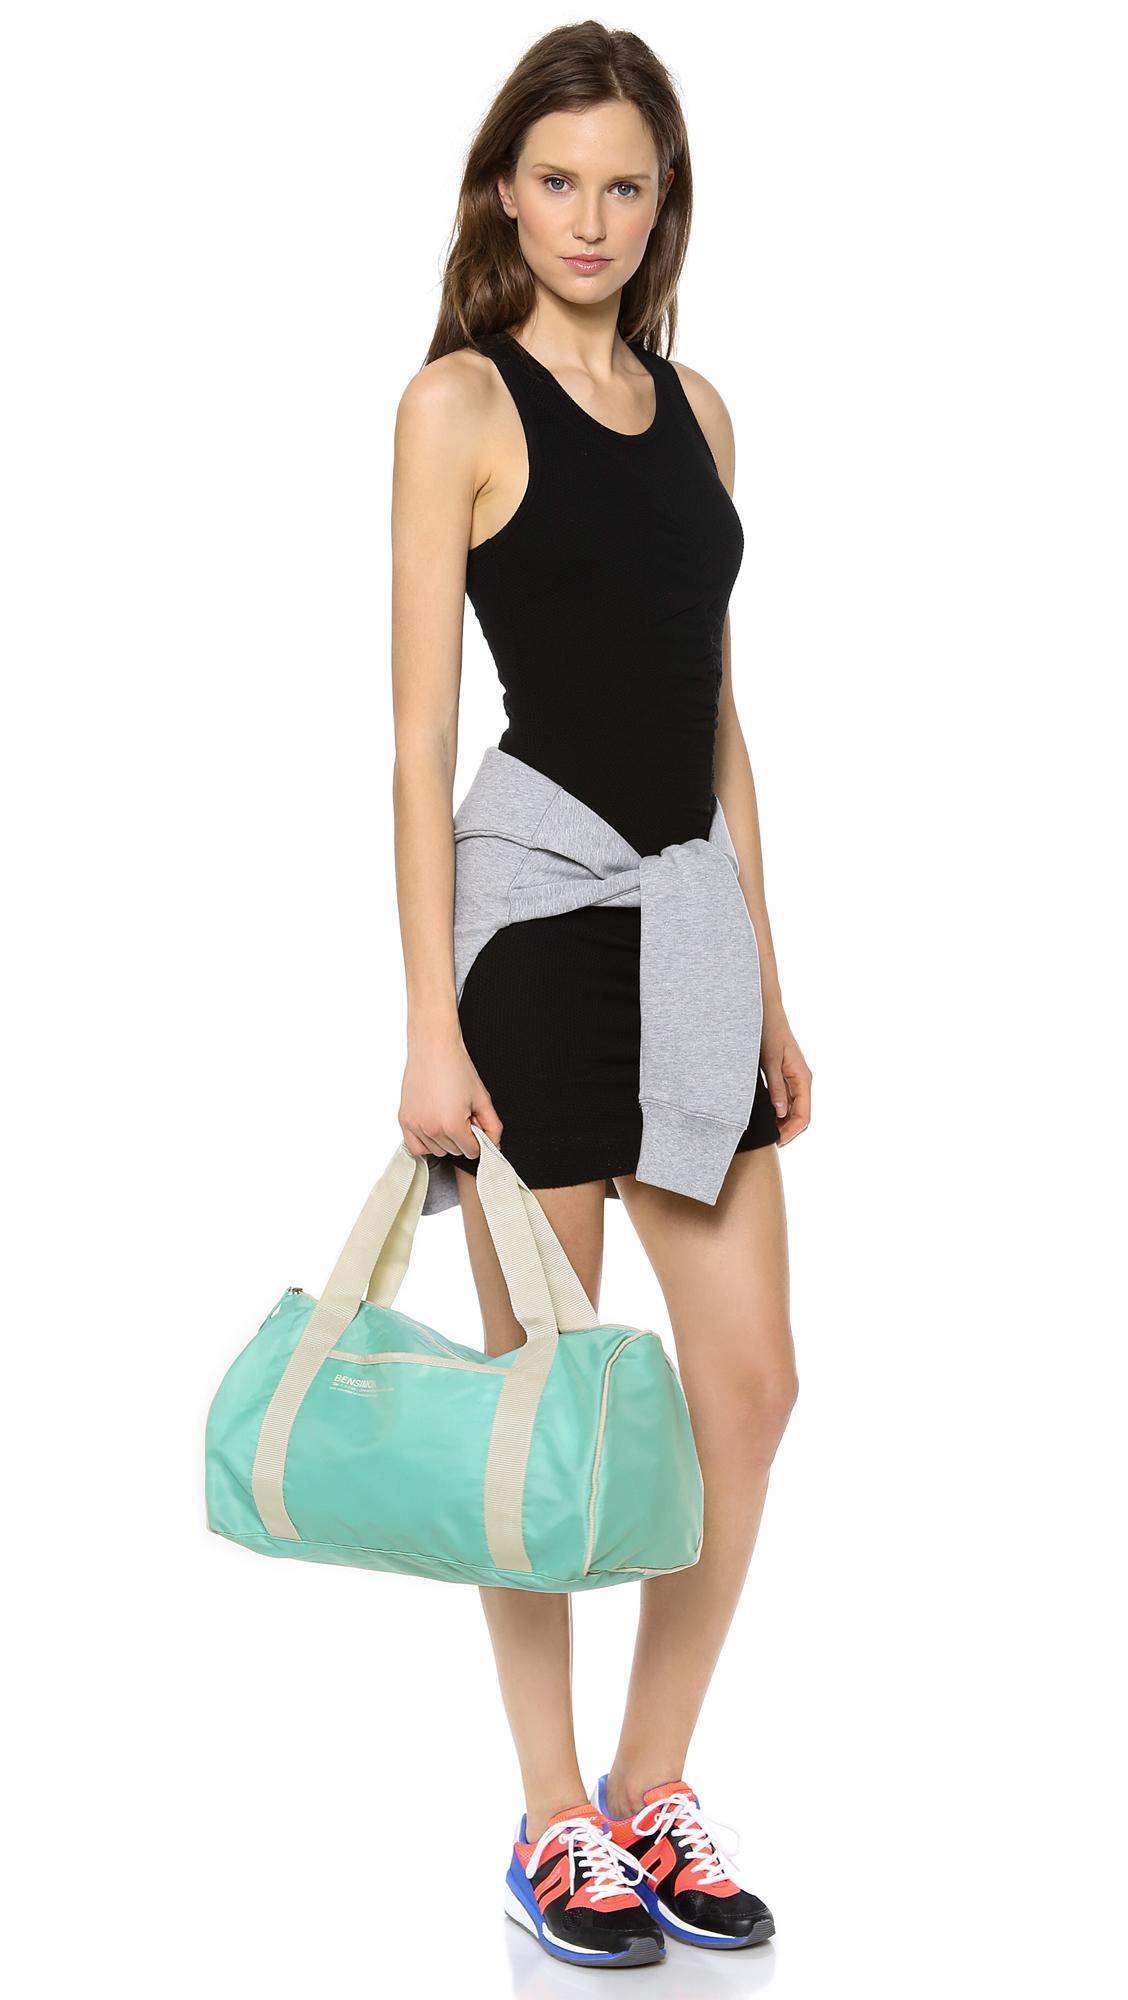 bensimon color bag shopbop save up to 25 use code gobig17 - Color Bag Bensimon